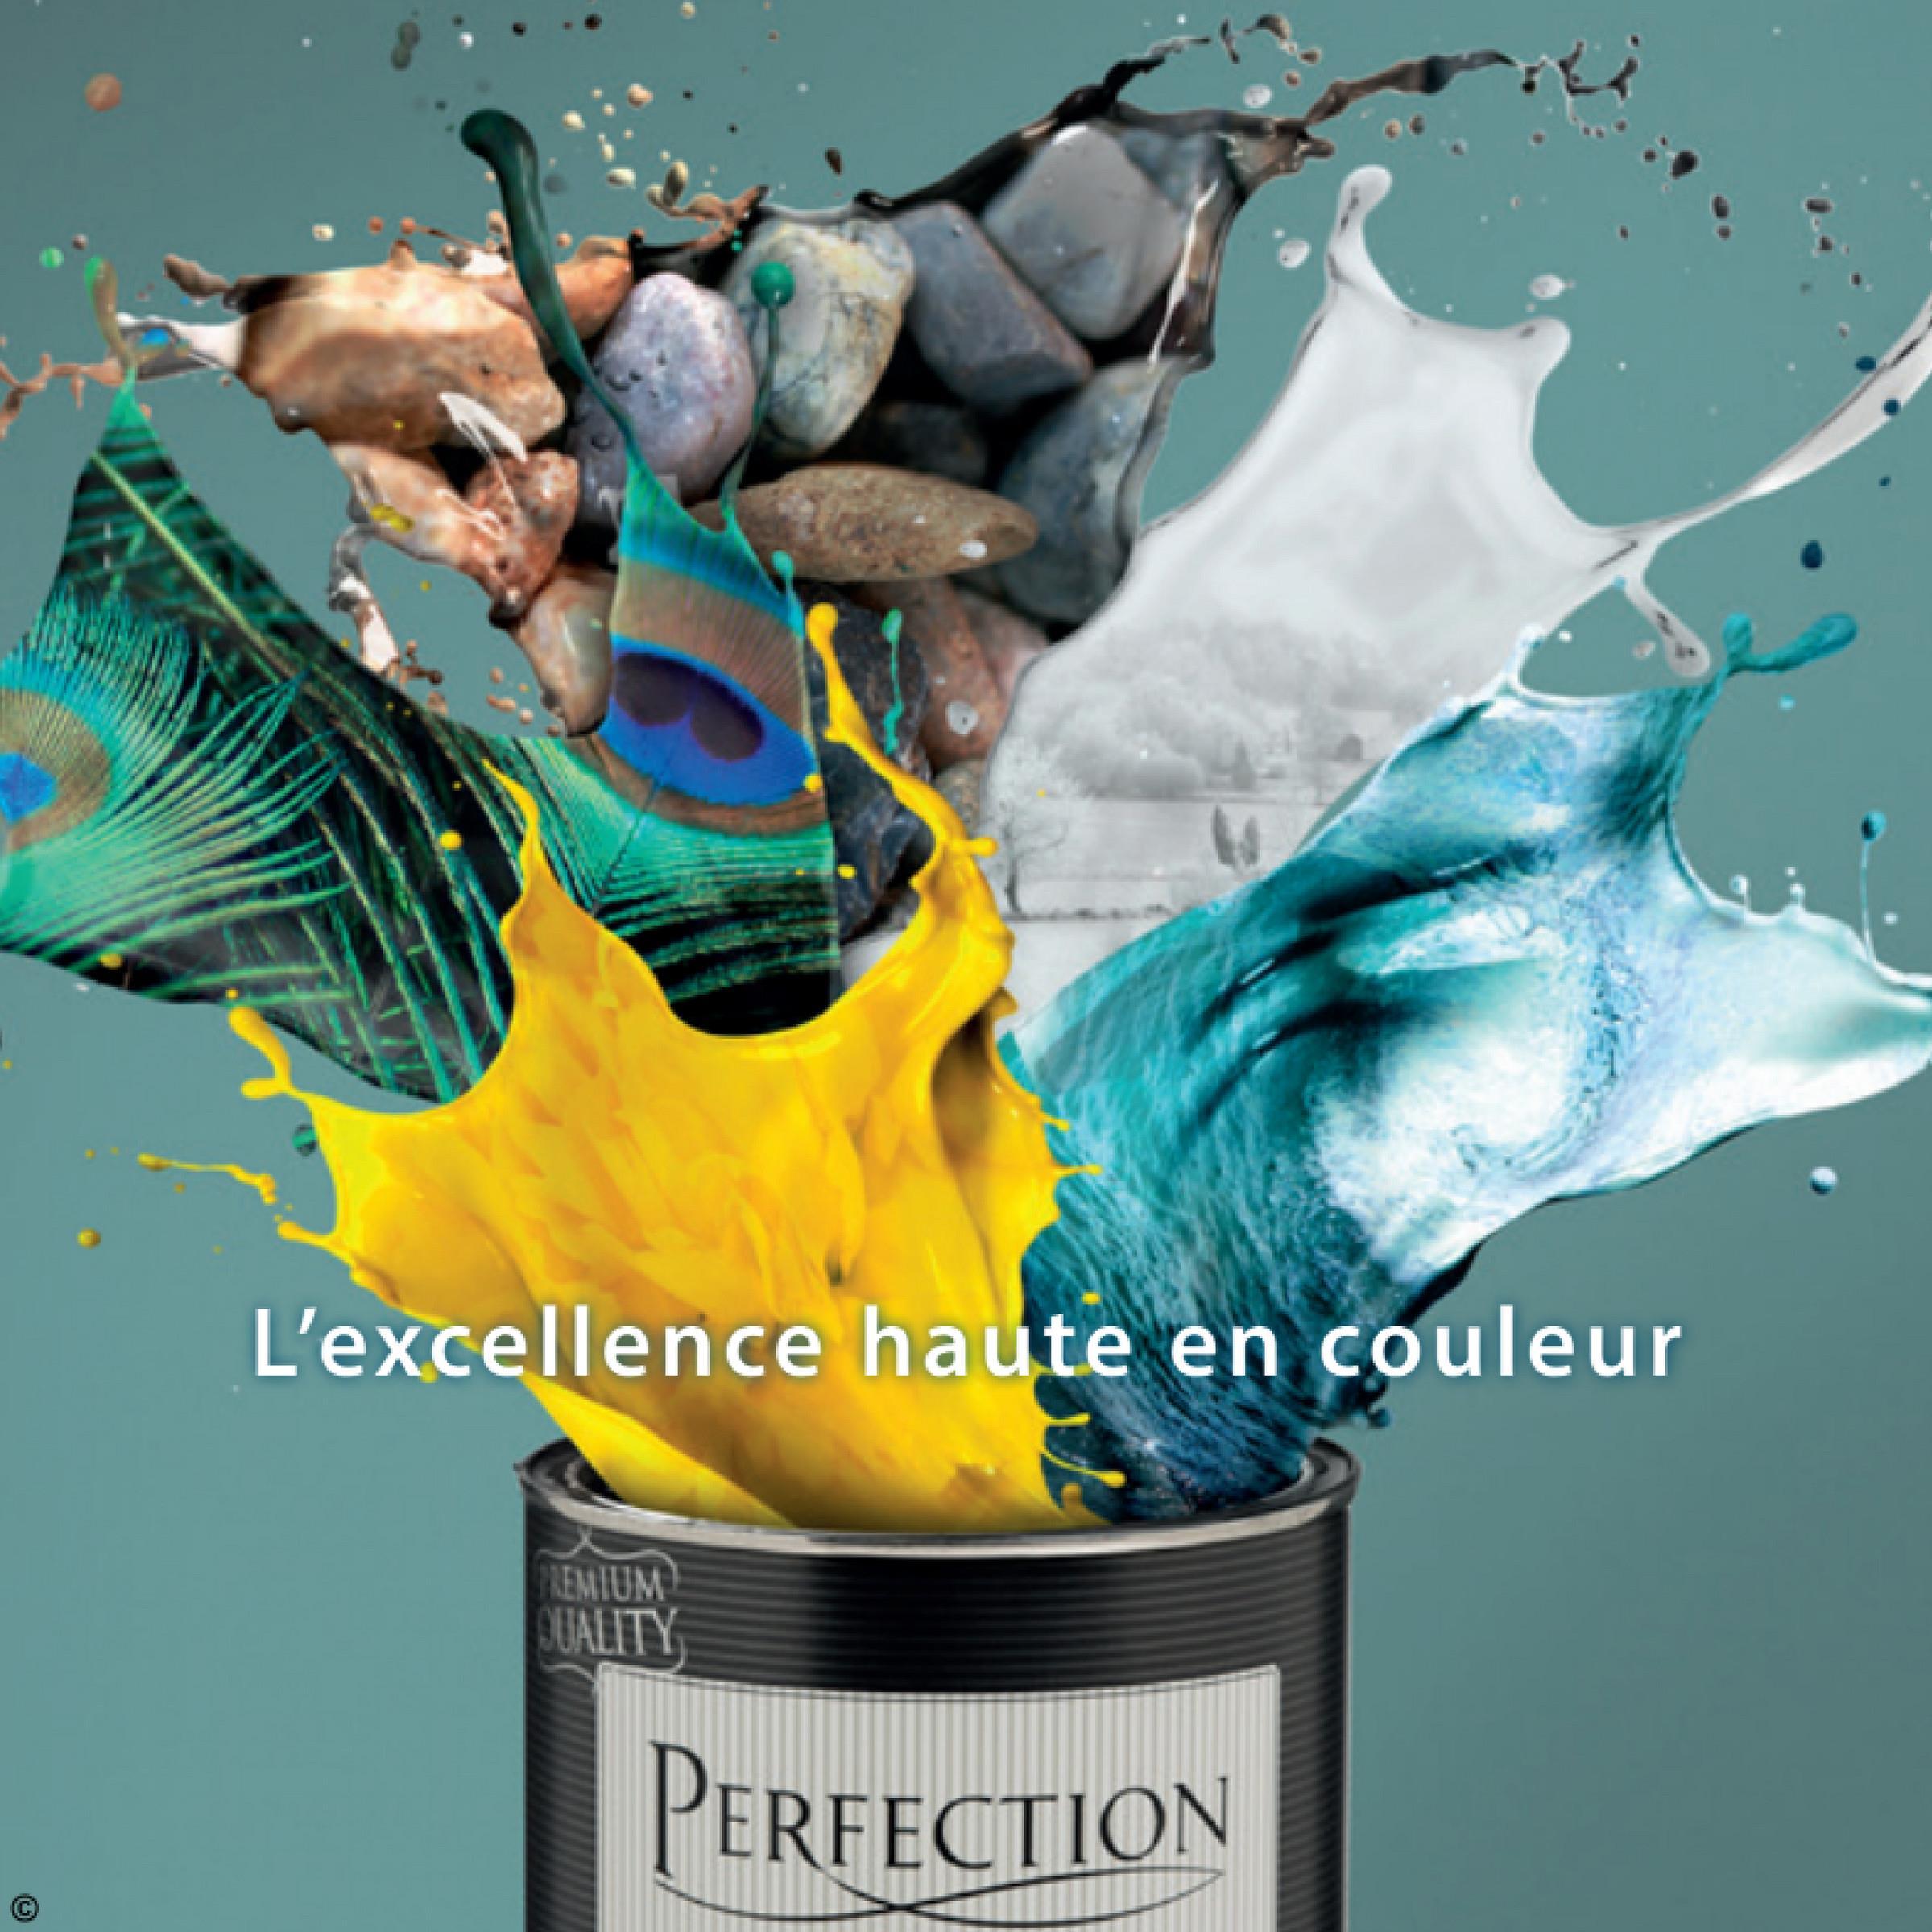 L'excellence haute en couleur PERFECTION